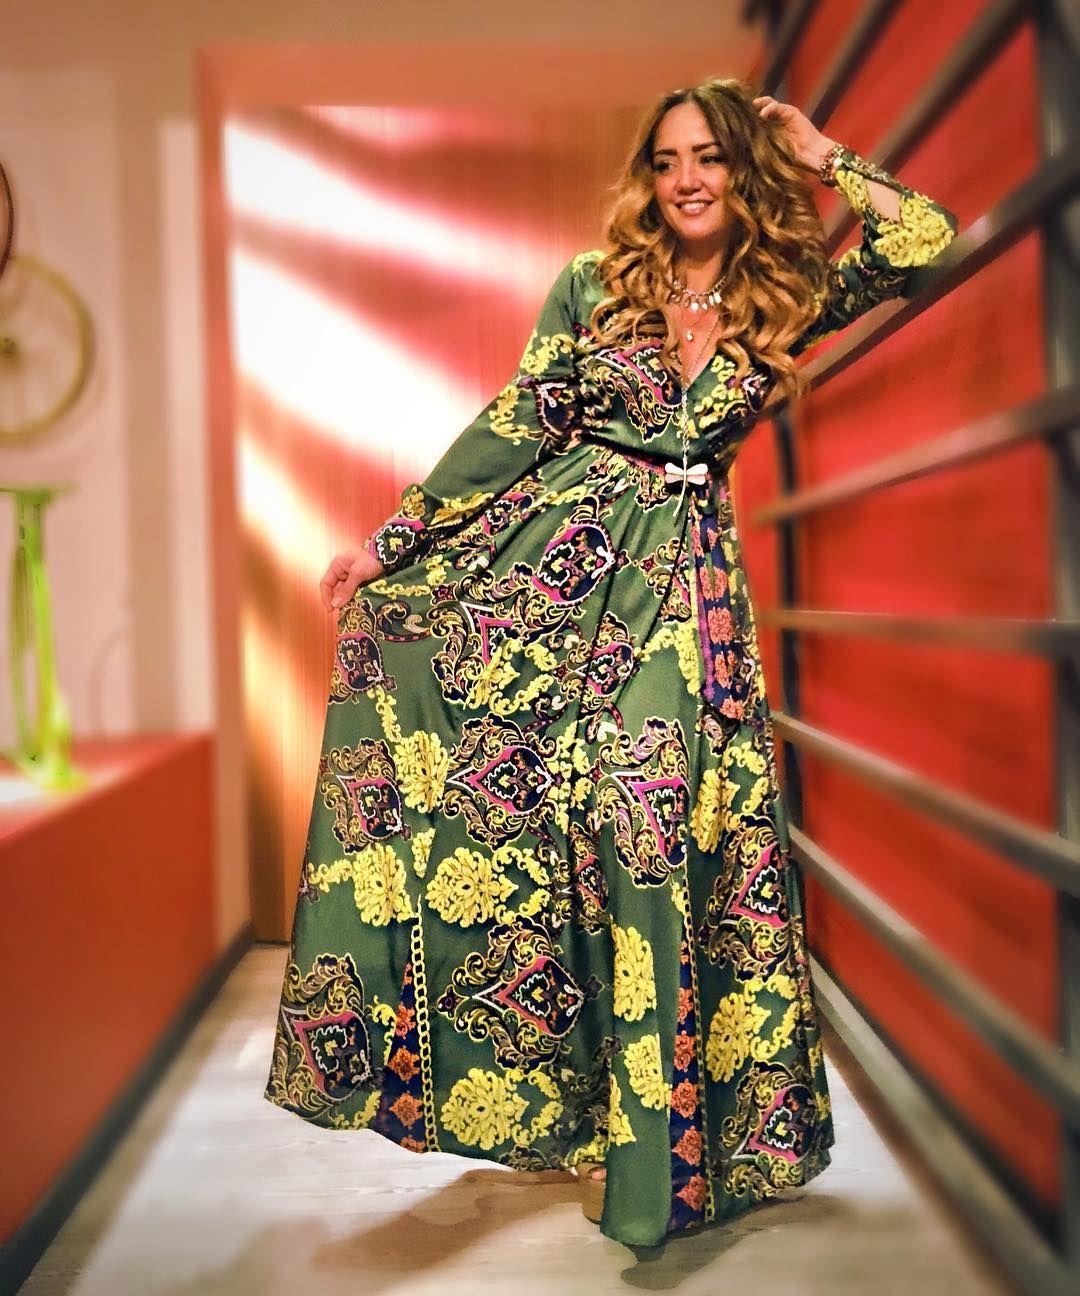 Vestidos hippies verdes